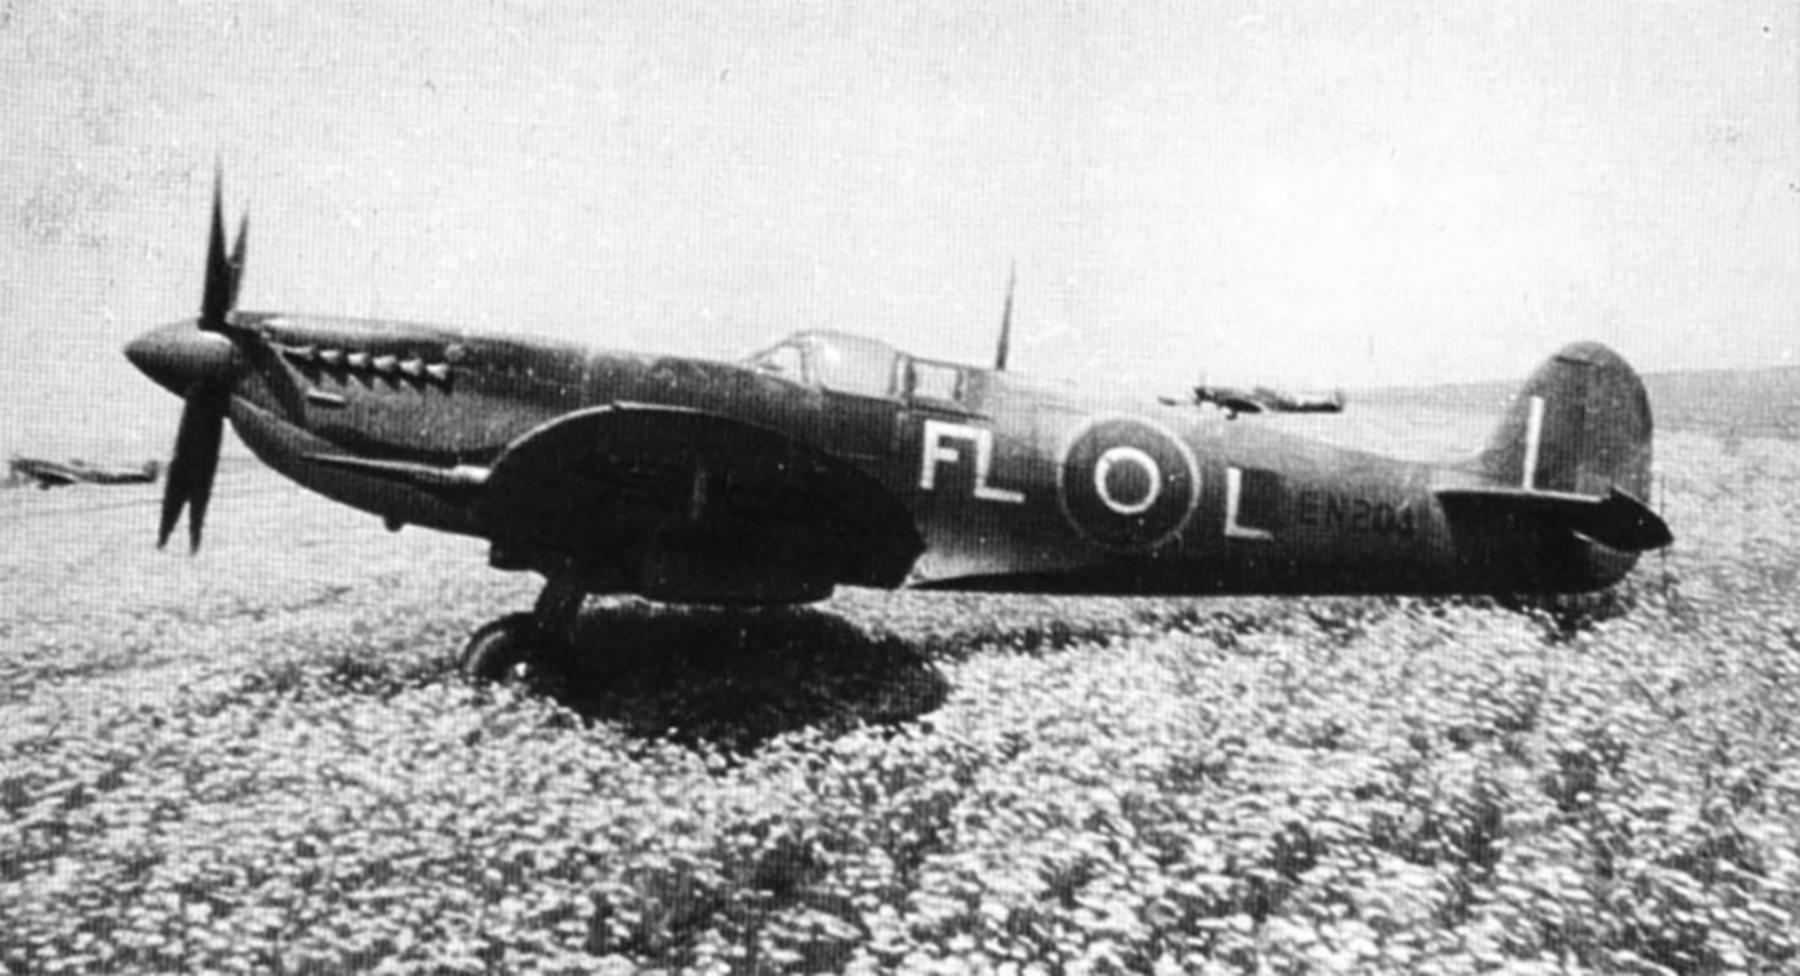 Spitfire MkIXc RAF 81Sqn FLL Larry Cronin EN204 Tunisia Apr 1943 01